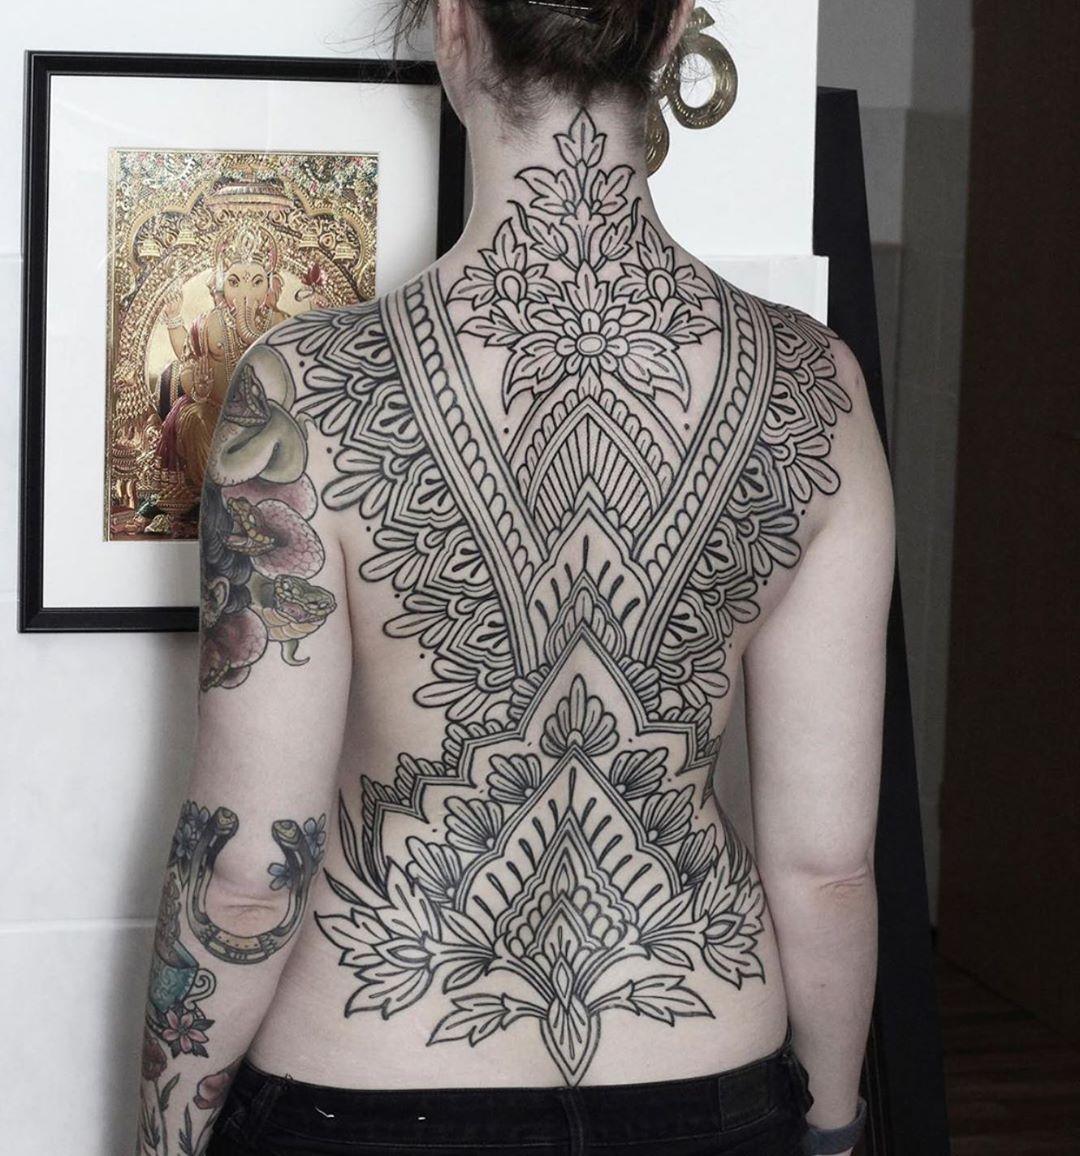 жіноча татуювання на спині блекворк